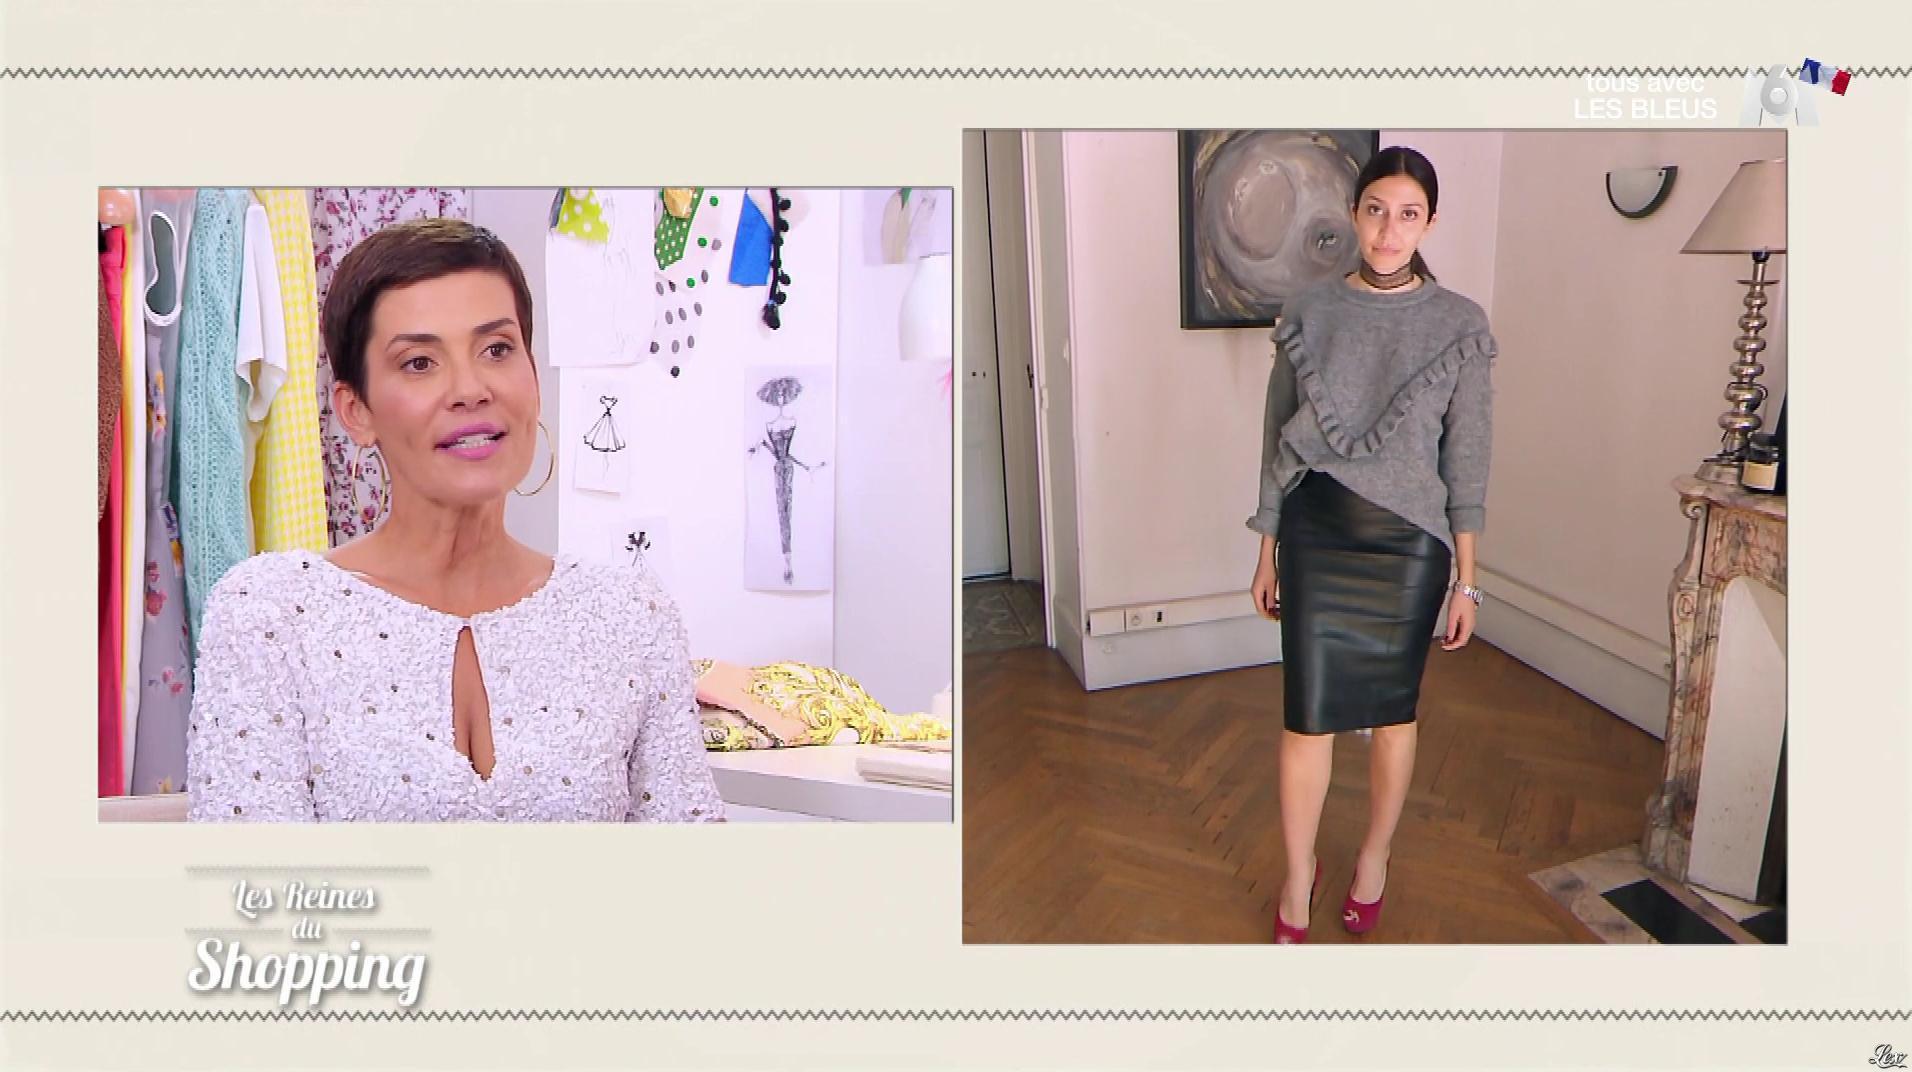 Une Candidate dans les Reines du Shopping. Diffusé à la télévision le 13/07/18.